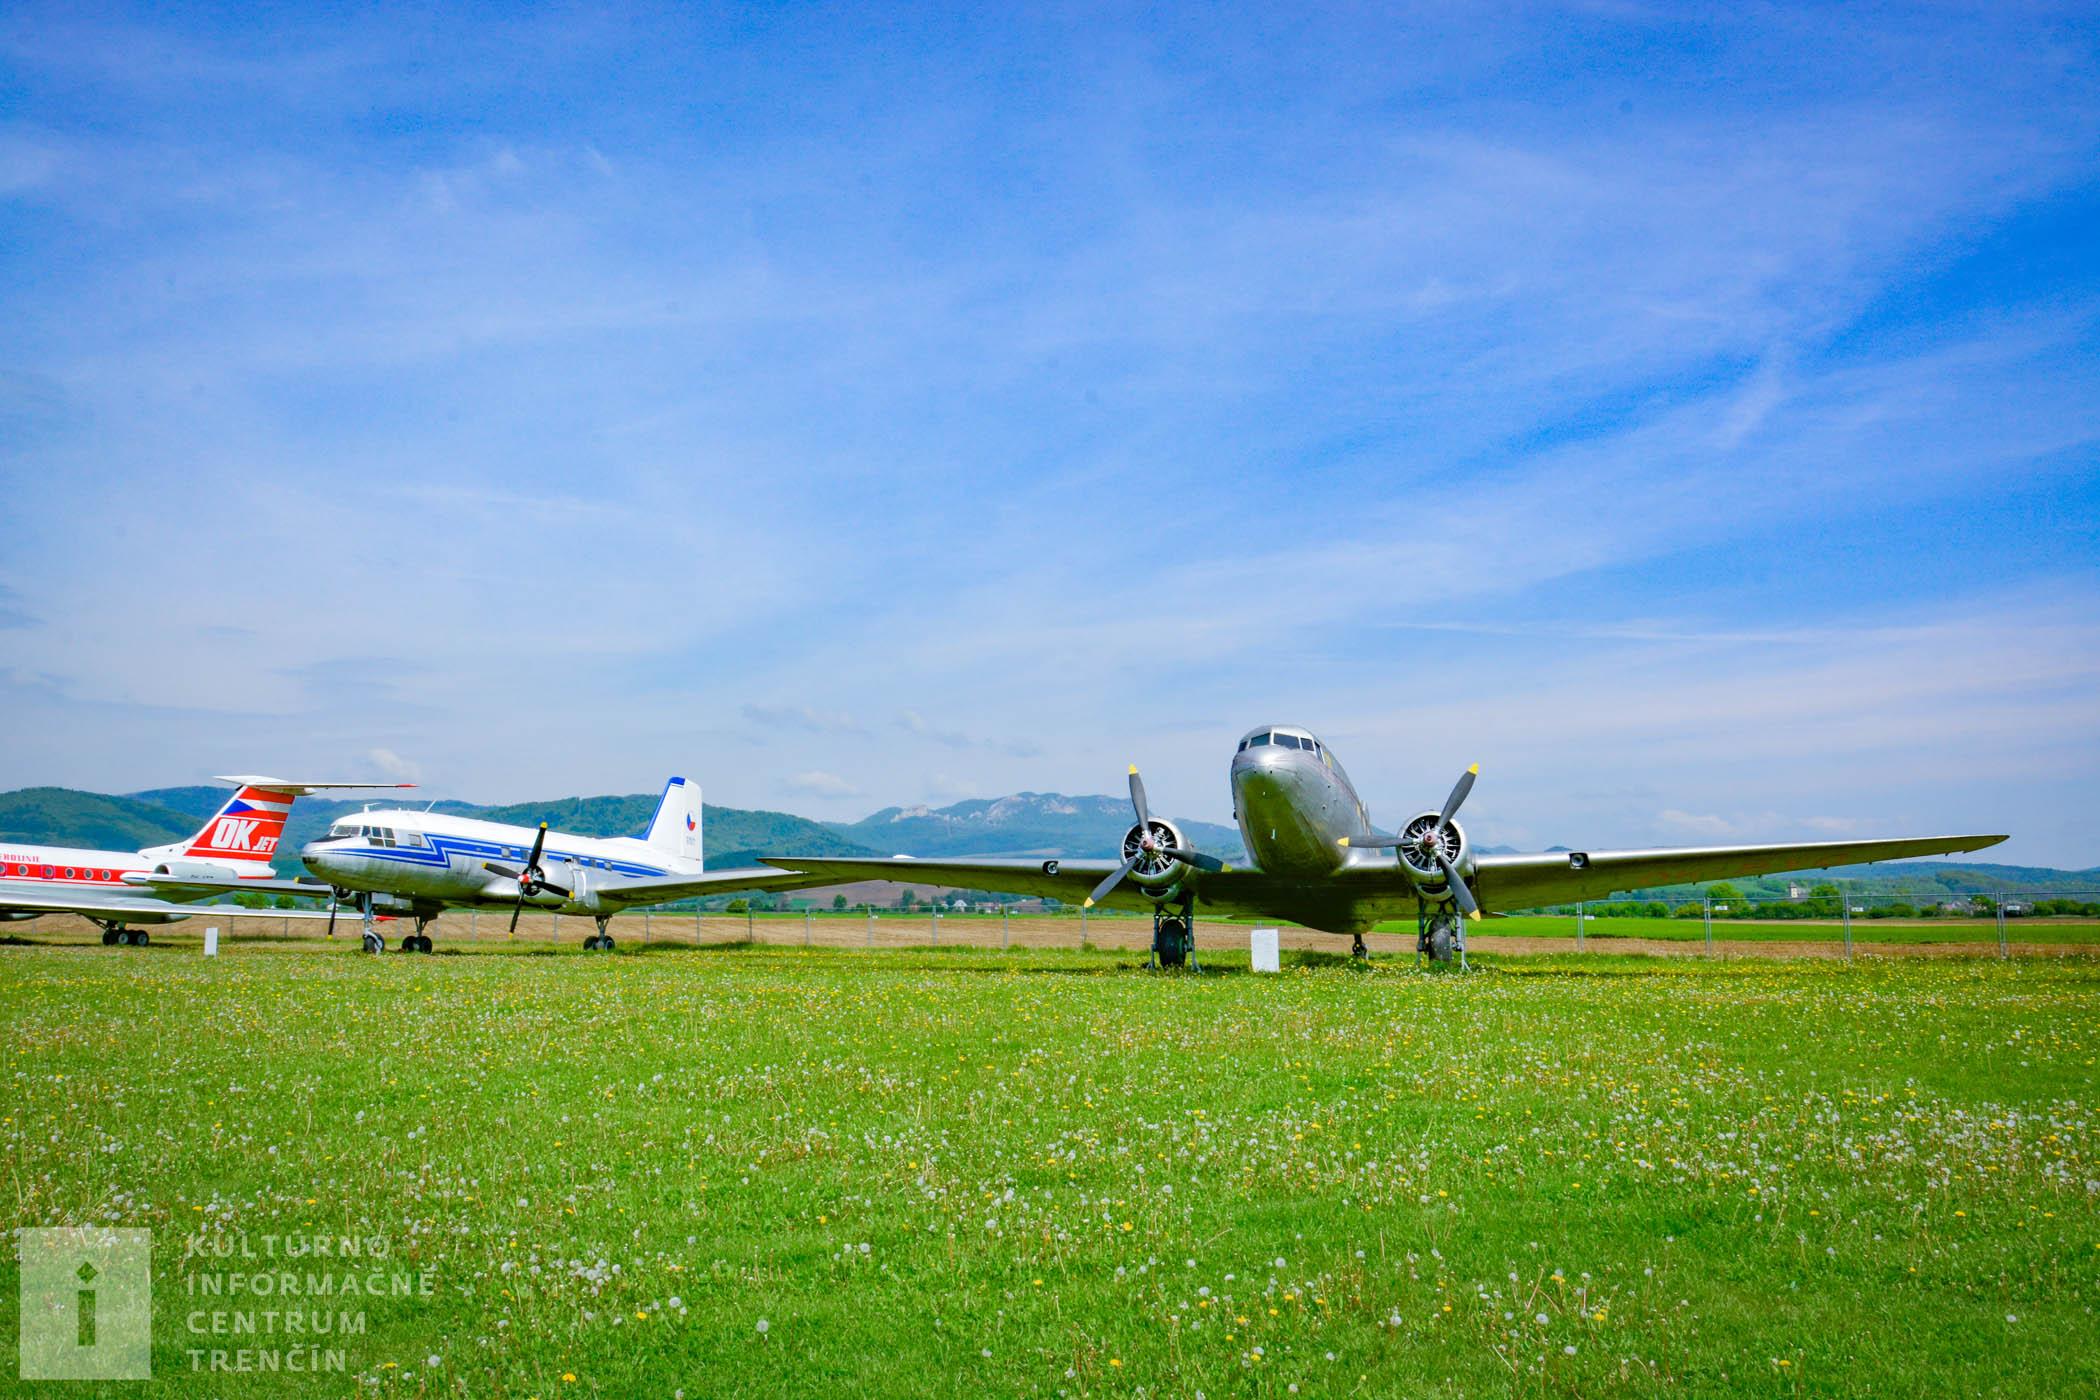 Lietadlá v Leteckom múzeu na letisku v Slávnici